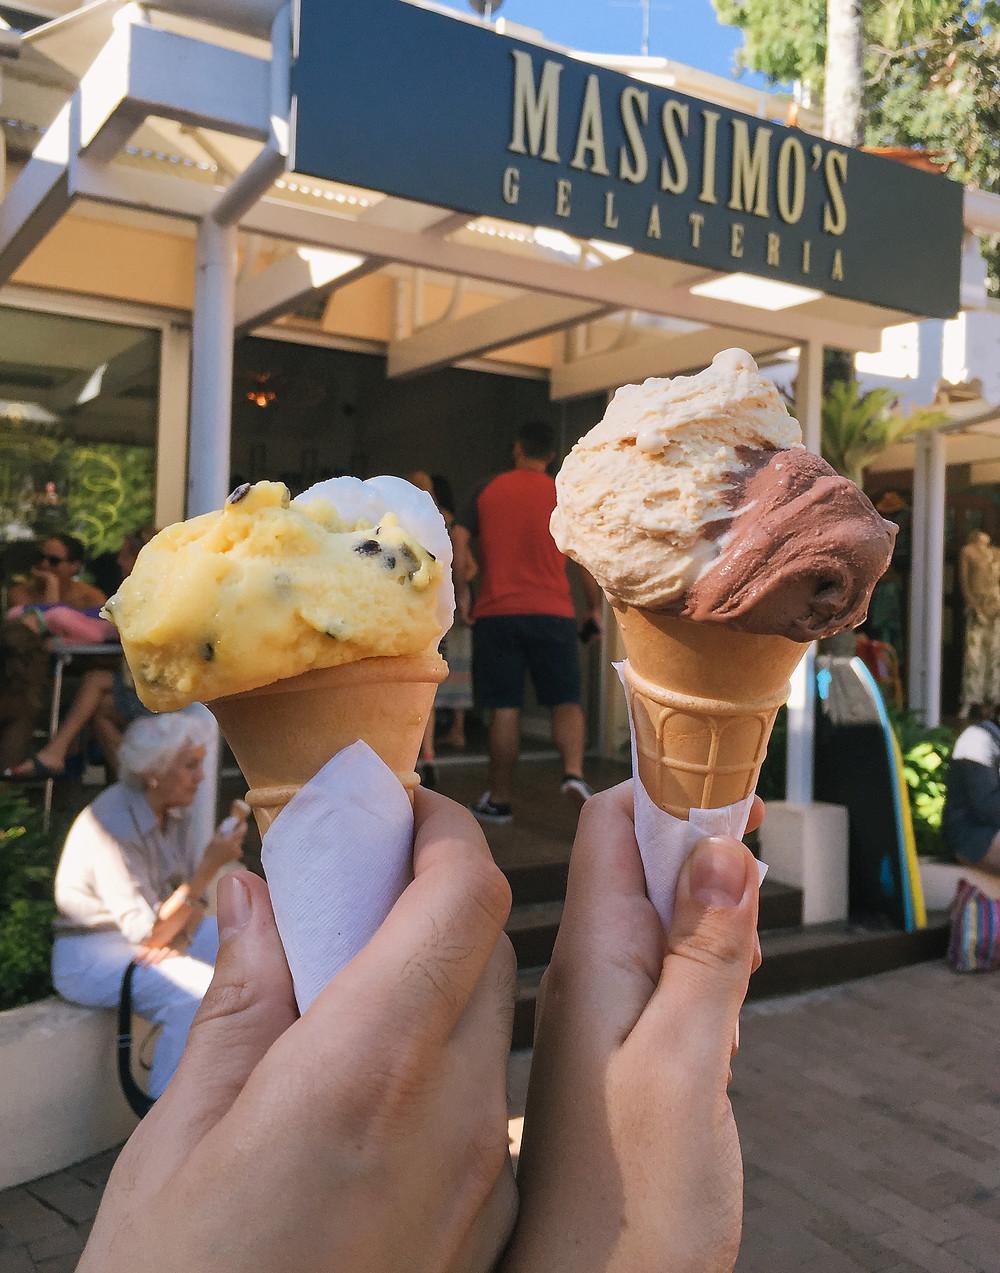 Massimo's Gelato in a cone!